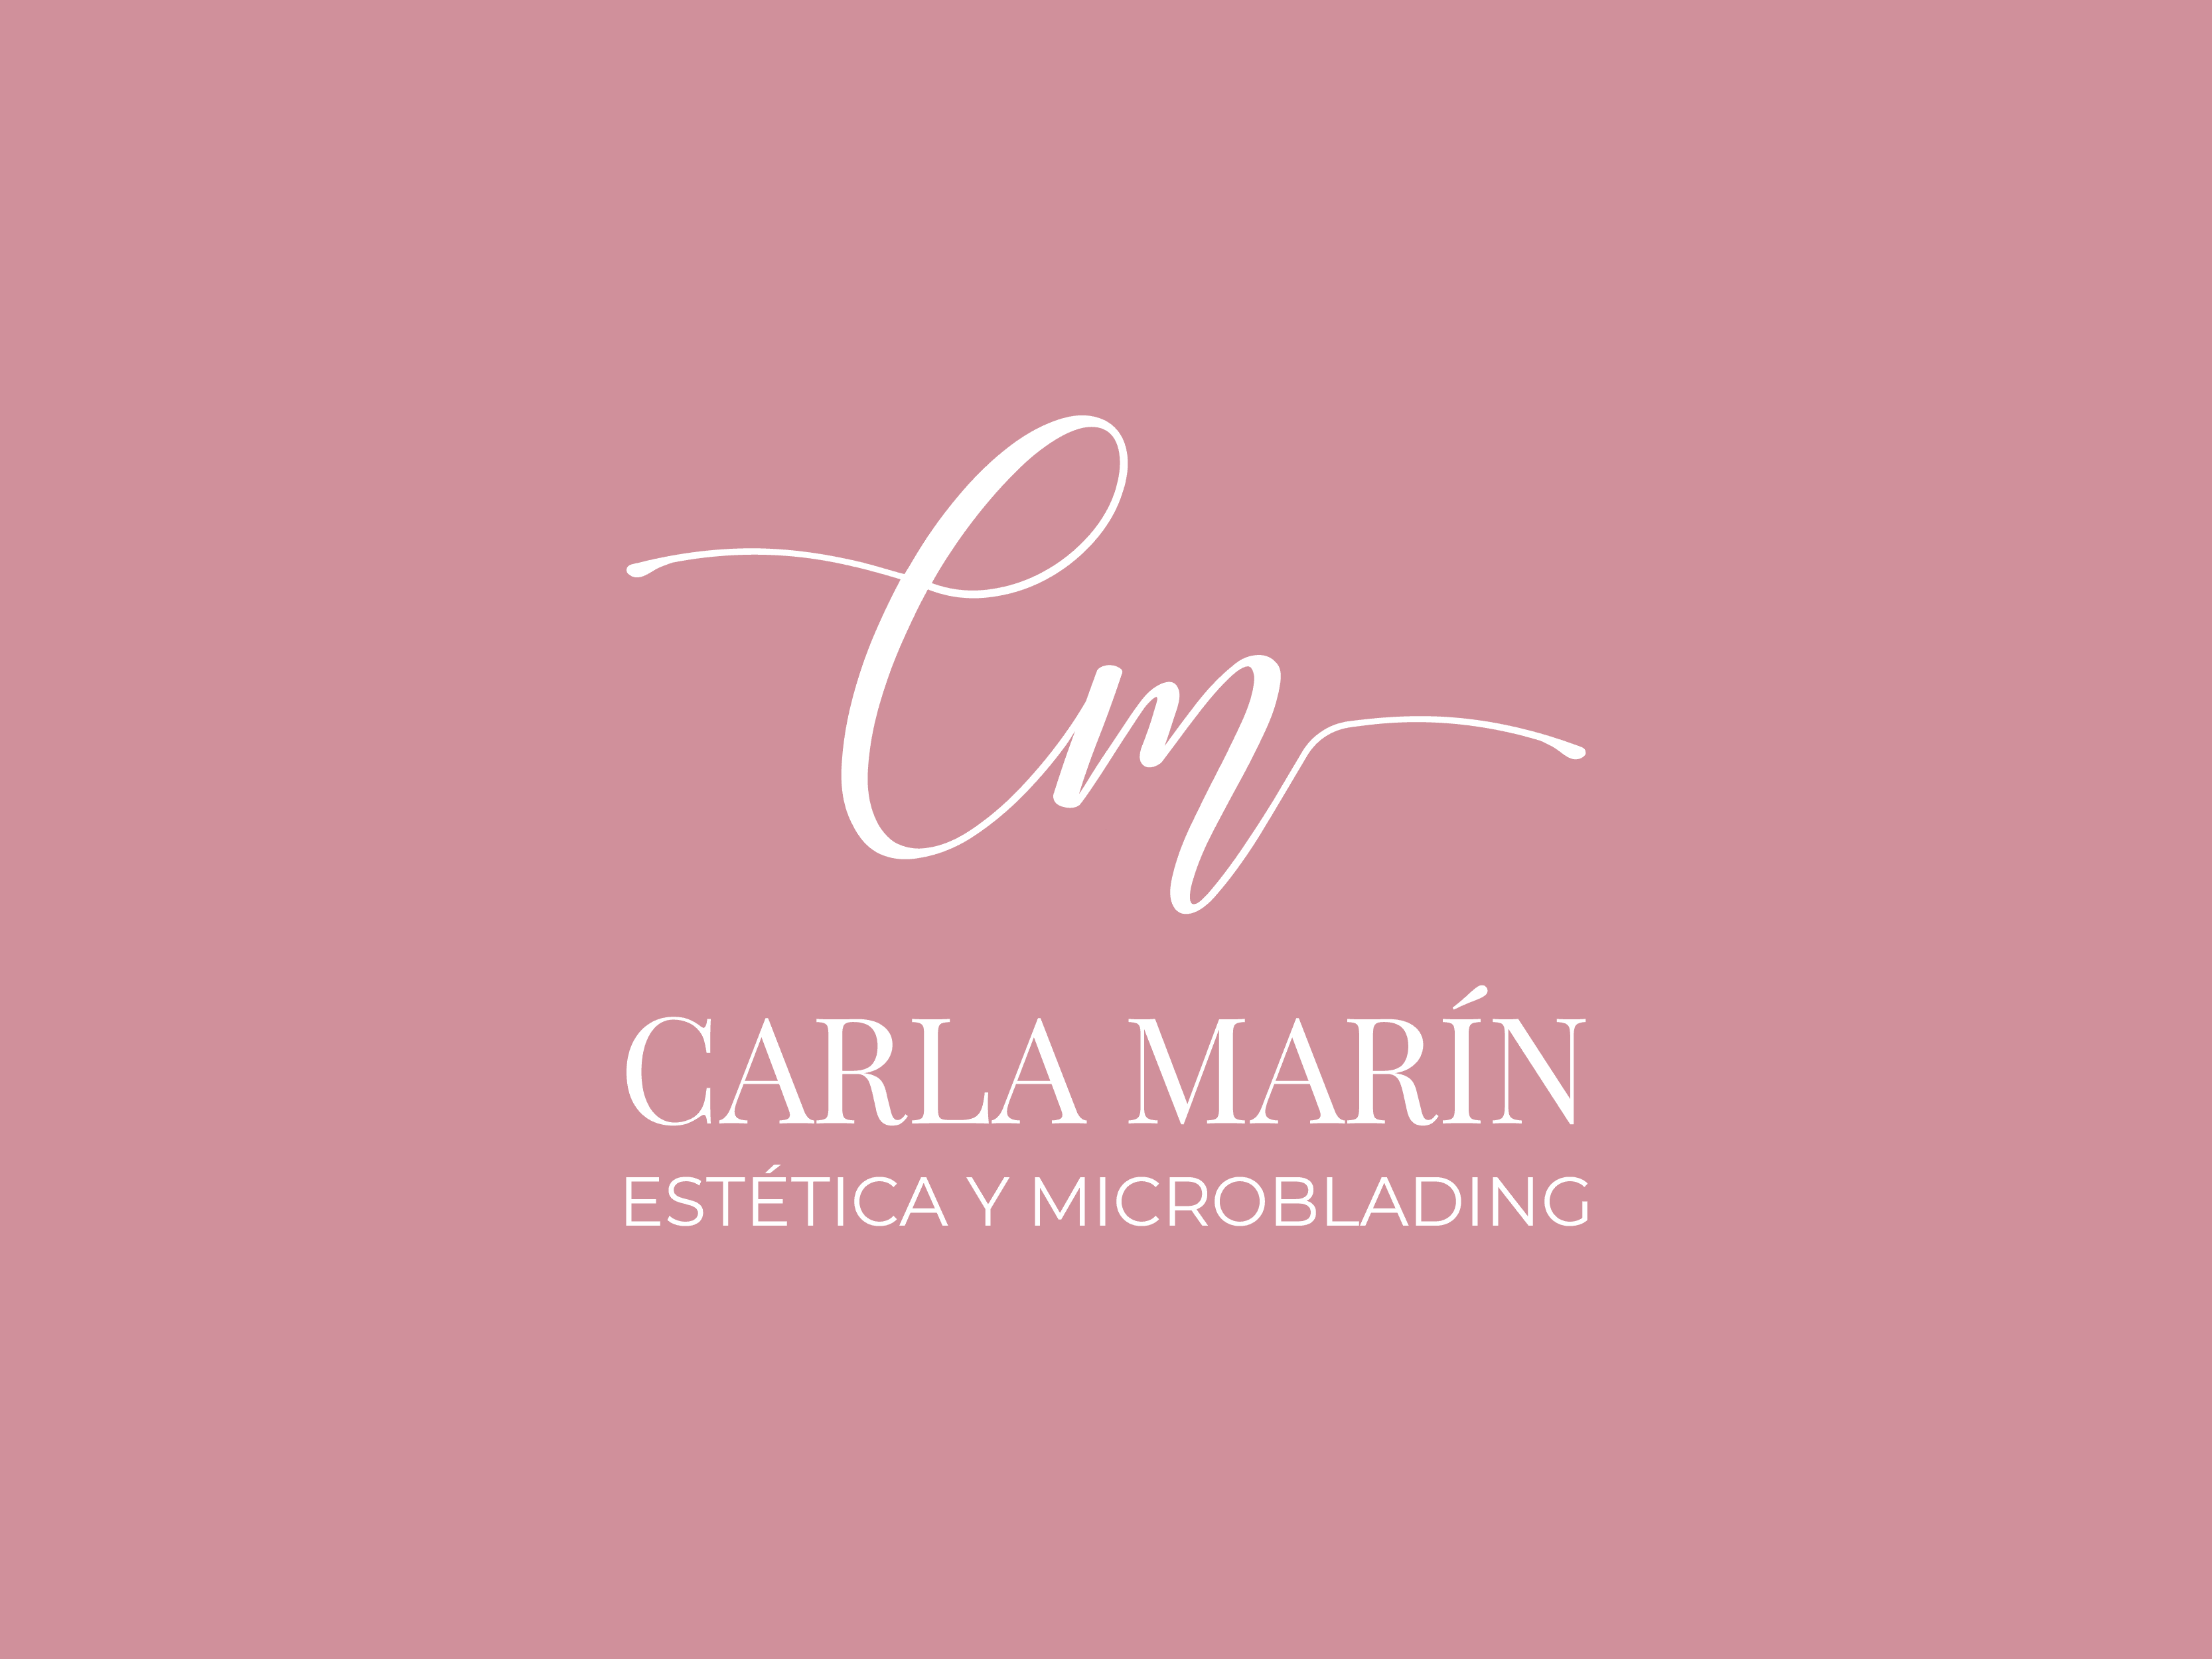 Marca carla marín 10 Carla Marín